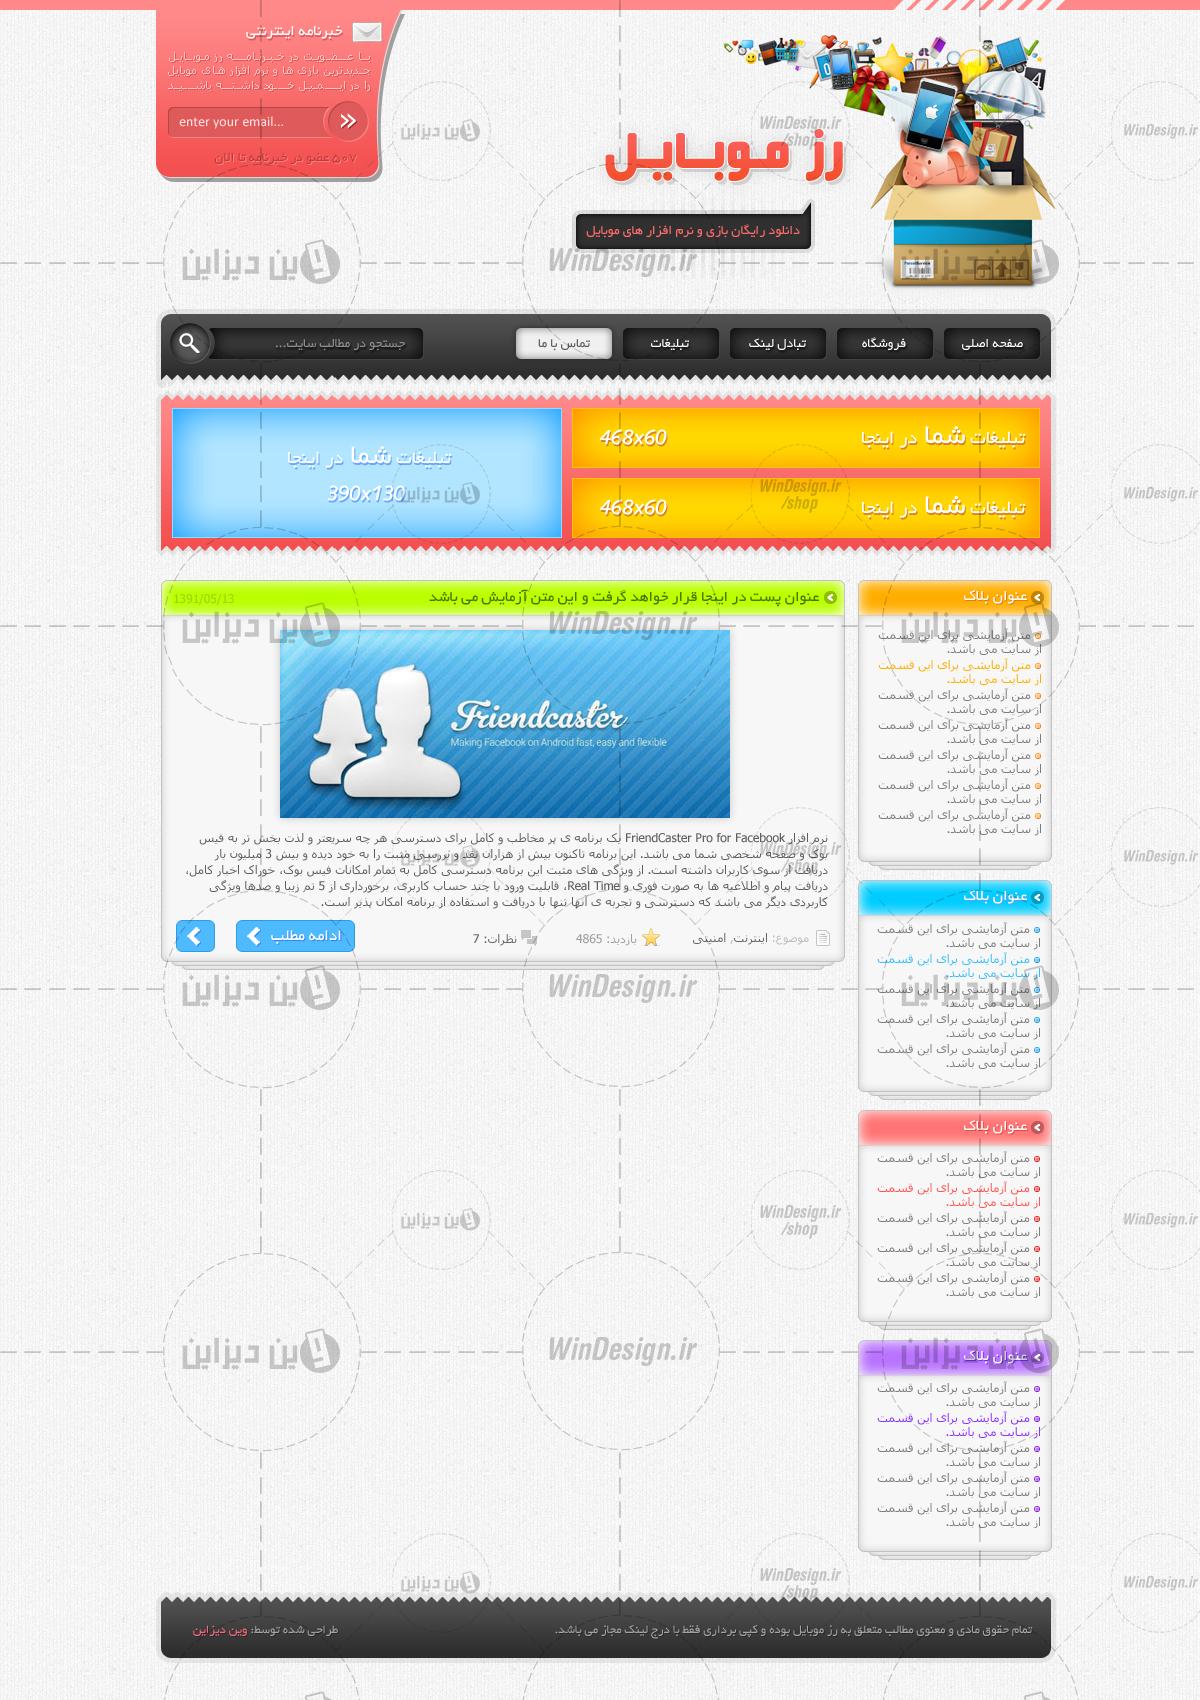 فروش قالب سایت اندروید و موبایل... پیش نمایش قالب فروش قالب سایت اندروید و موبایل ...